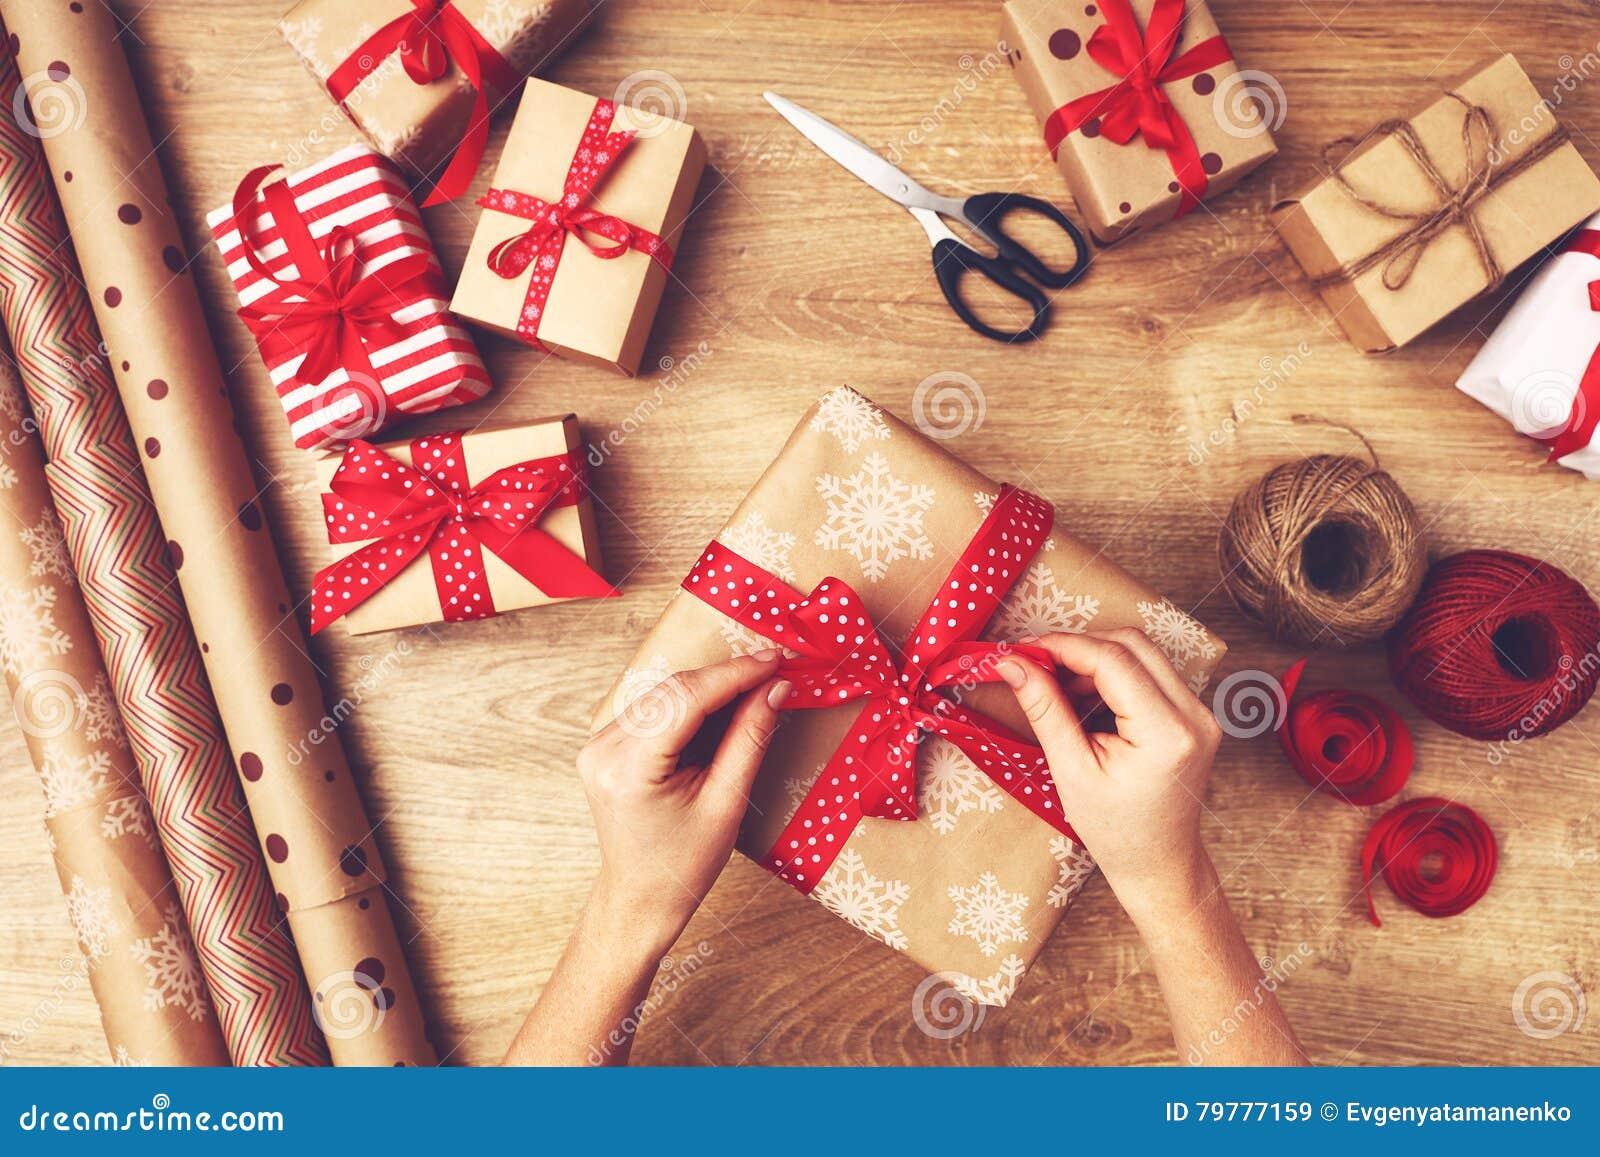 De hand van vrouw pakt dozen met Kerstmisgiften in